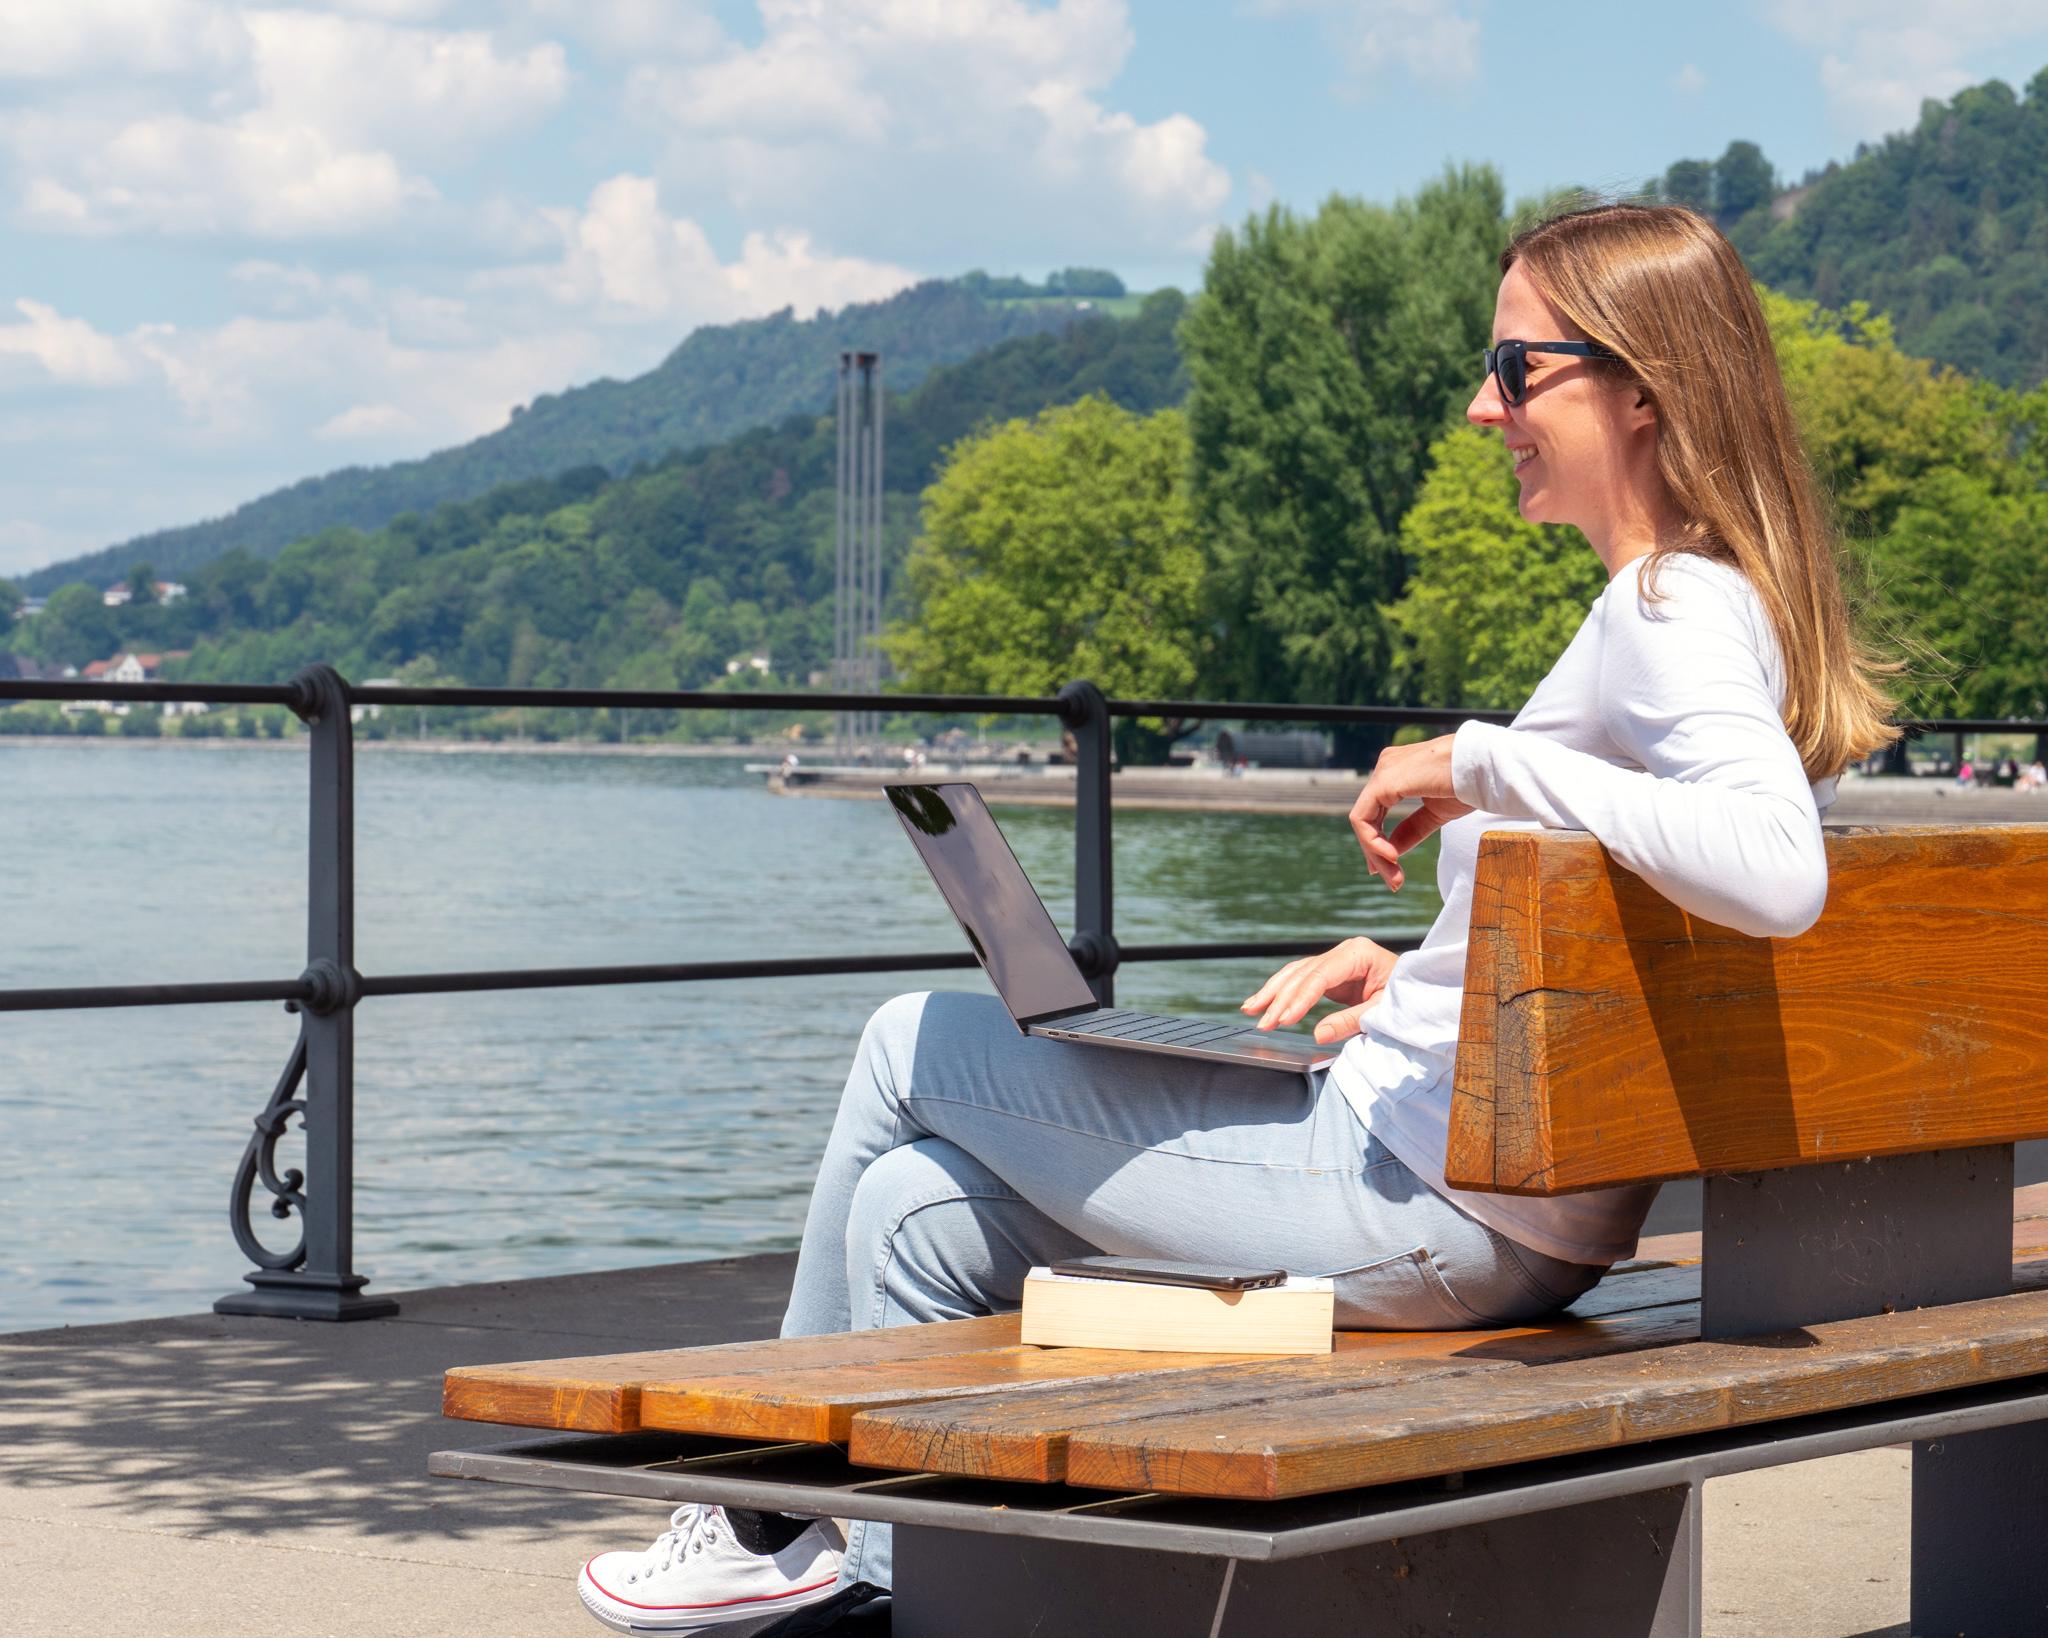 Hier lernt eine Studentin im Frühling entspannt am Wasser